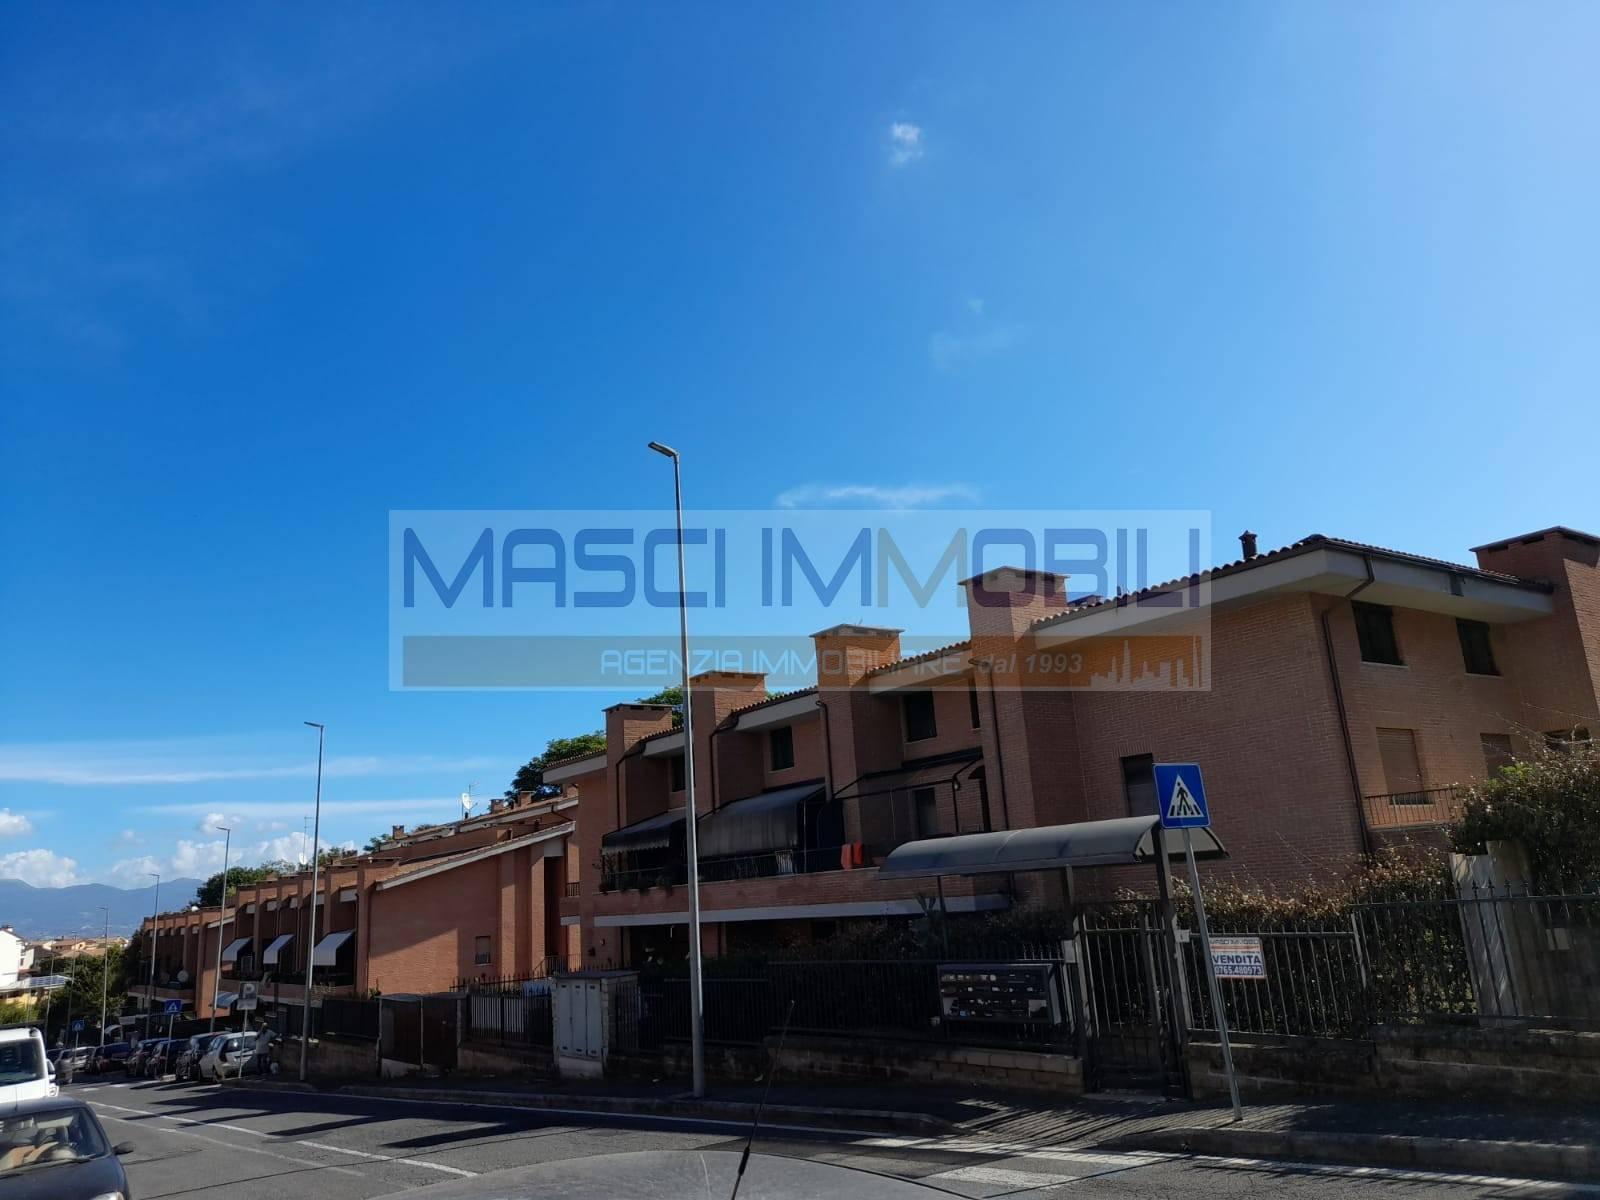 Appartamento in vendita a Fiano Romano, 2 locali, prezzo € 75.000 | CambioCasa.it